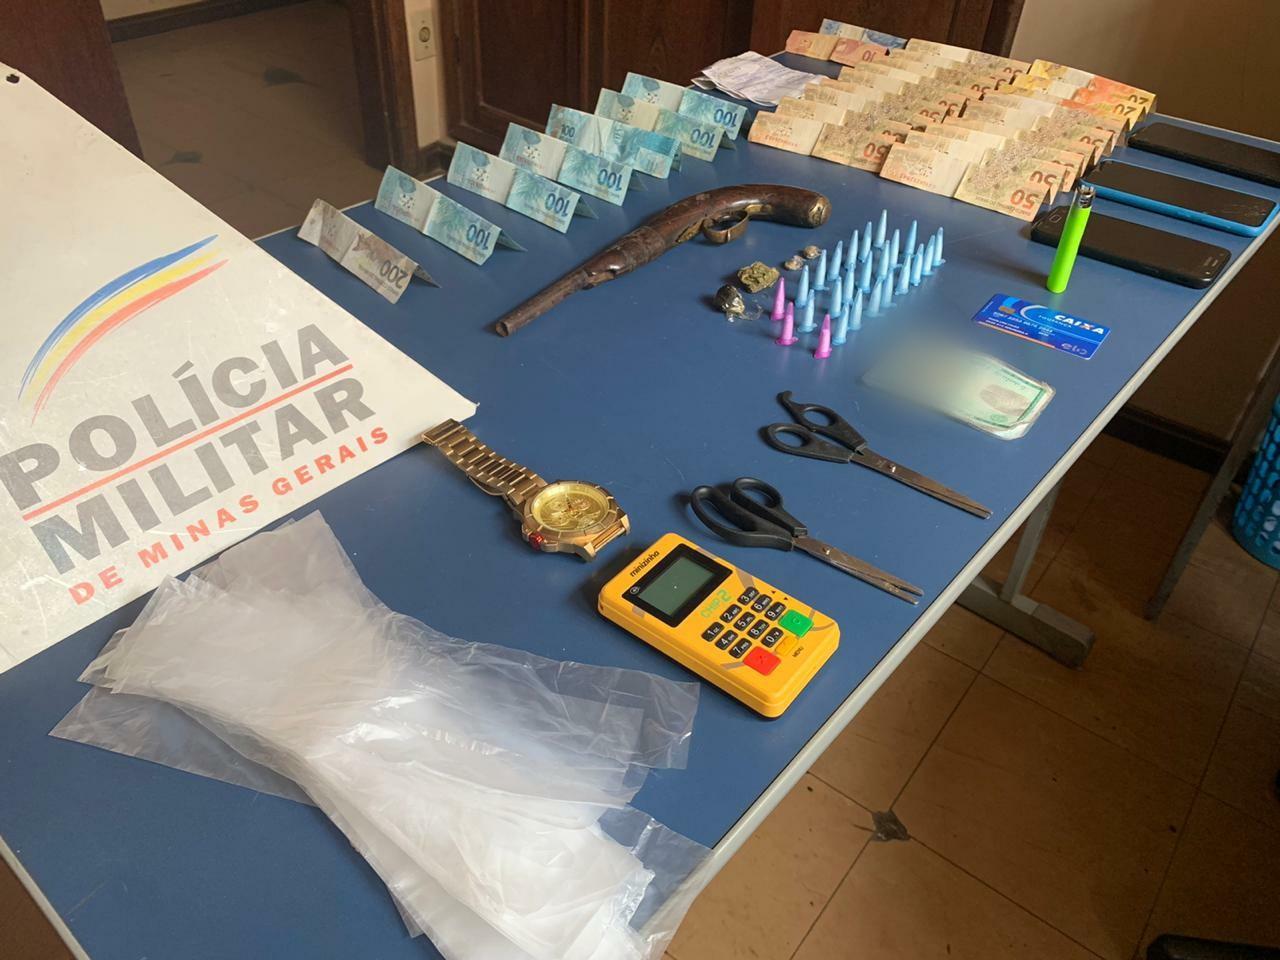 PM apreende cocaína, maconha e haxixe durante cumprimento de mandado, em Felixlândia